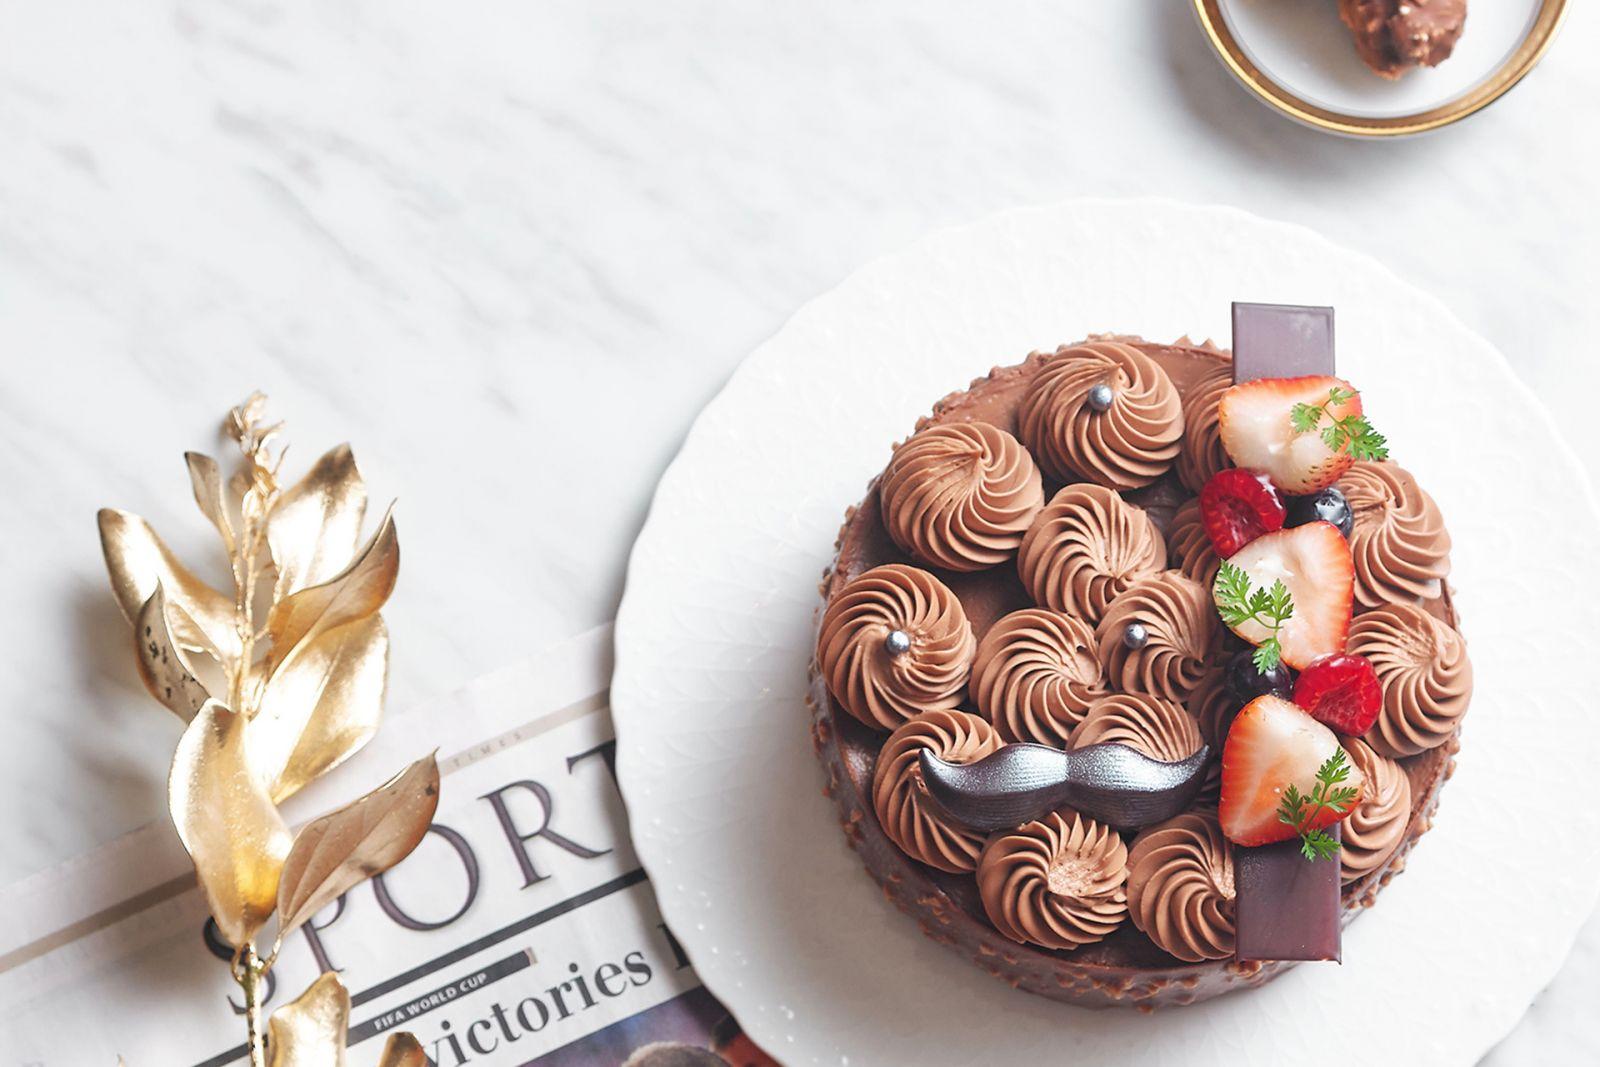 【父親節】最正父親節蛋糕! 國賓麵包房主廚精心研發「巧克力花園」